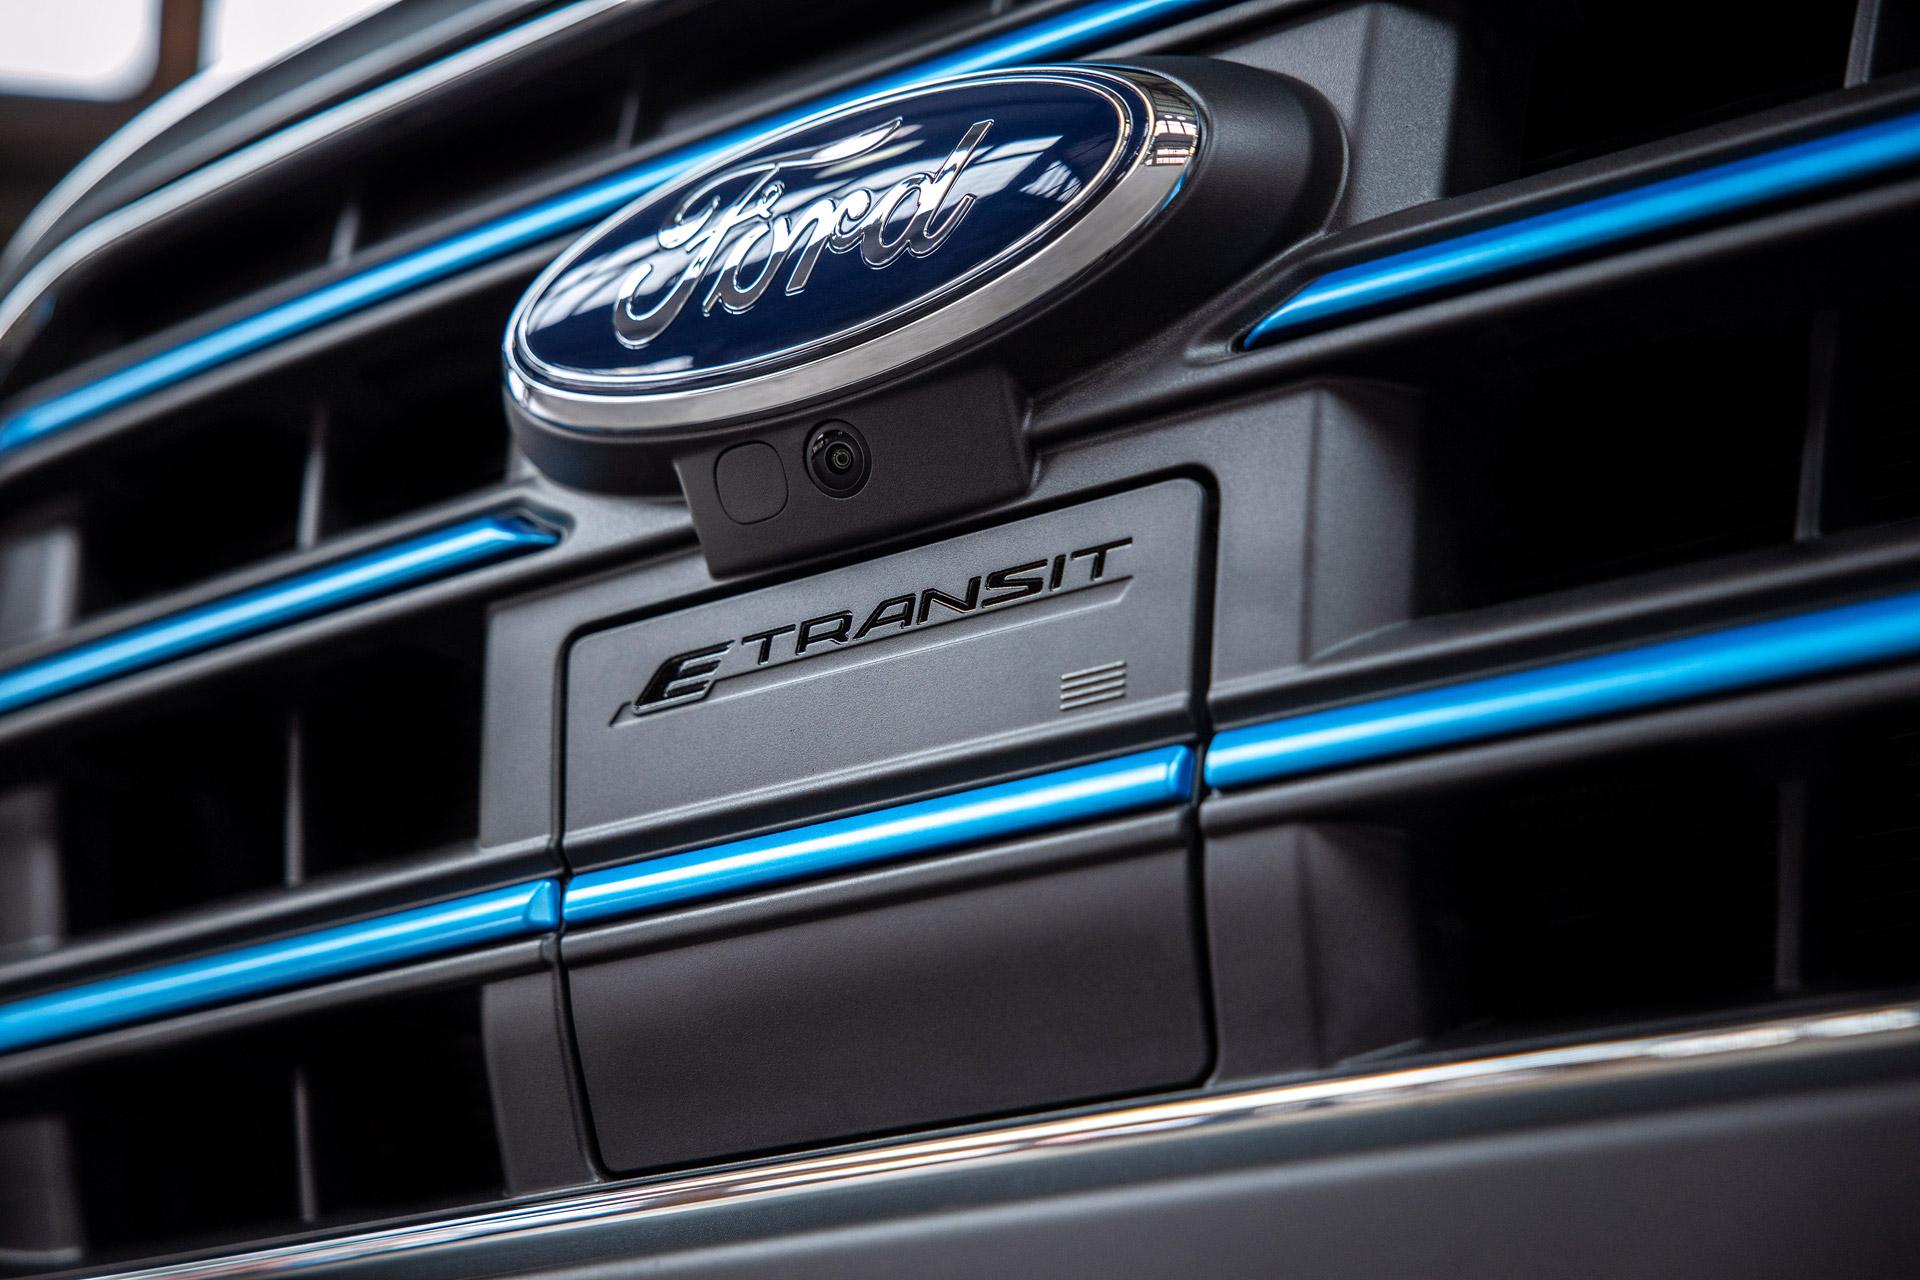 Ford E-Transits front med logo og dæksel til opladning